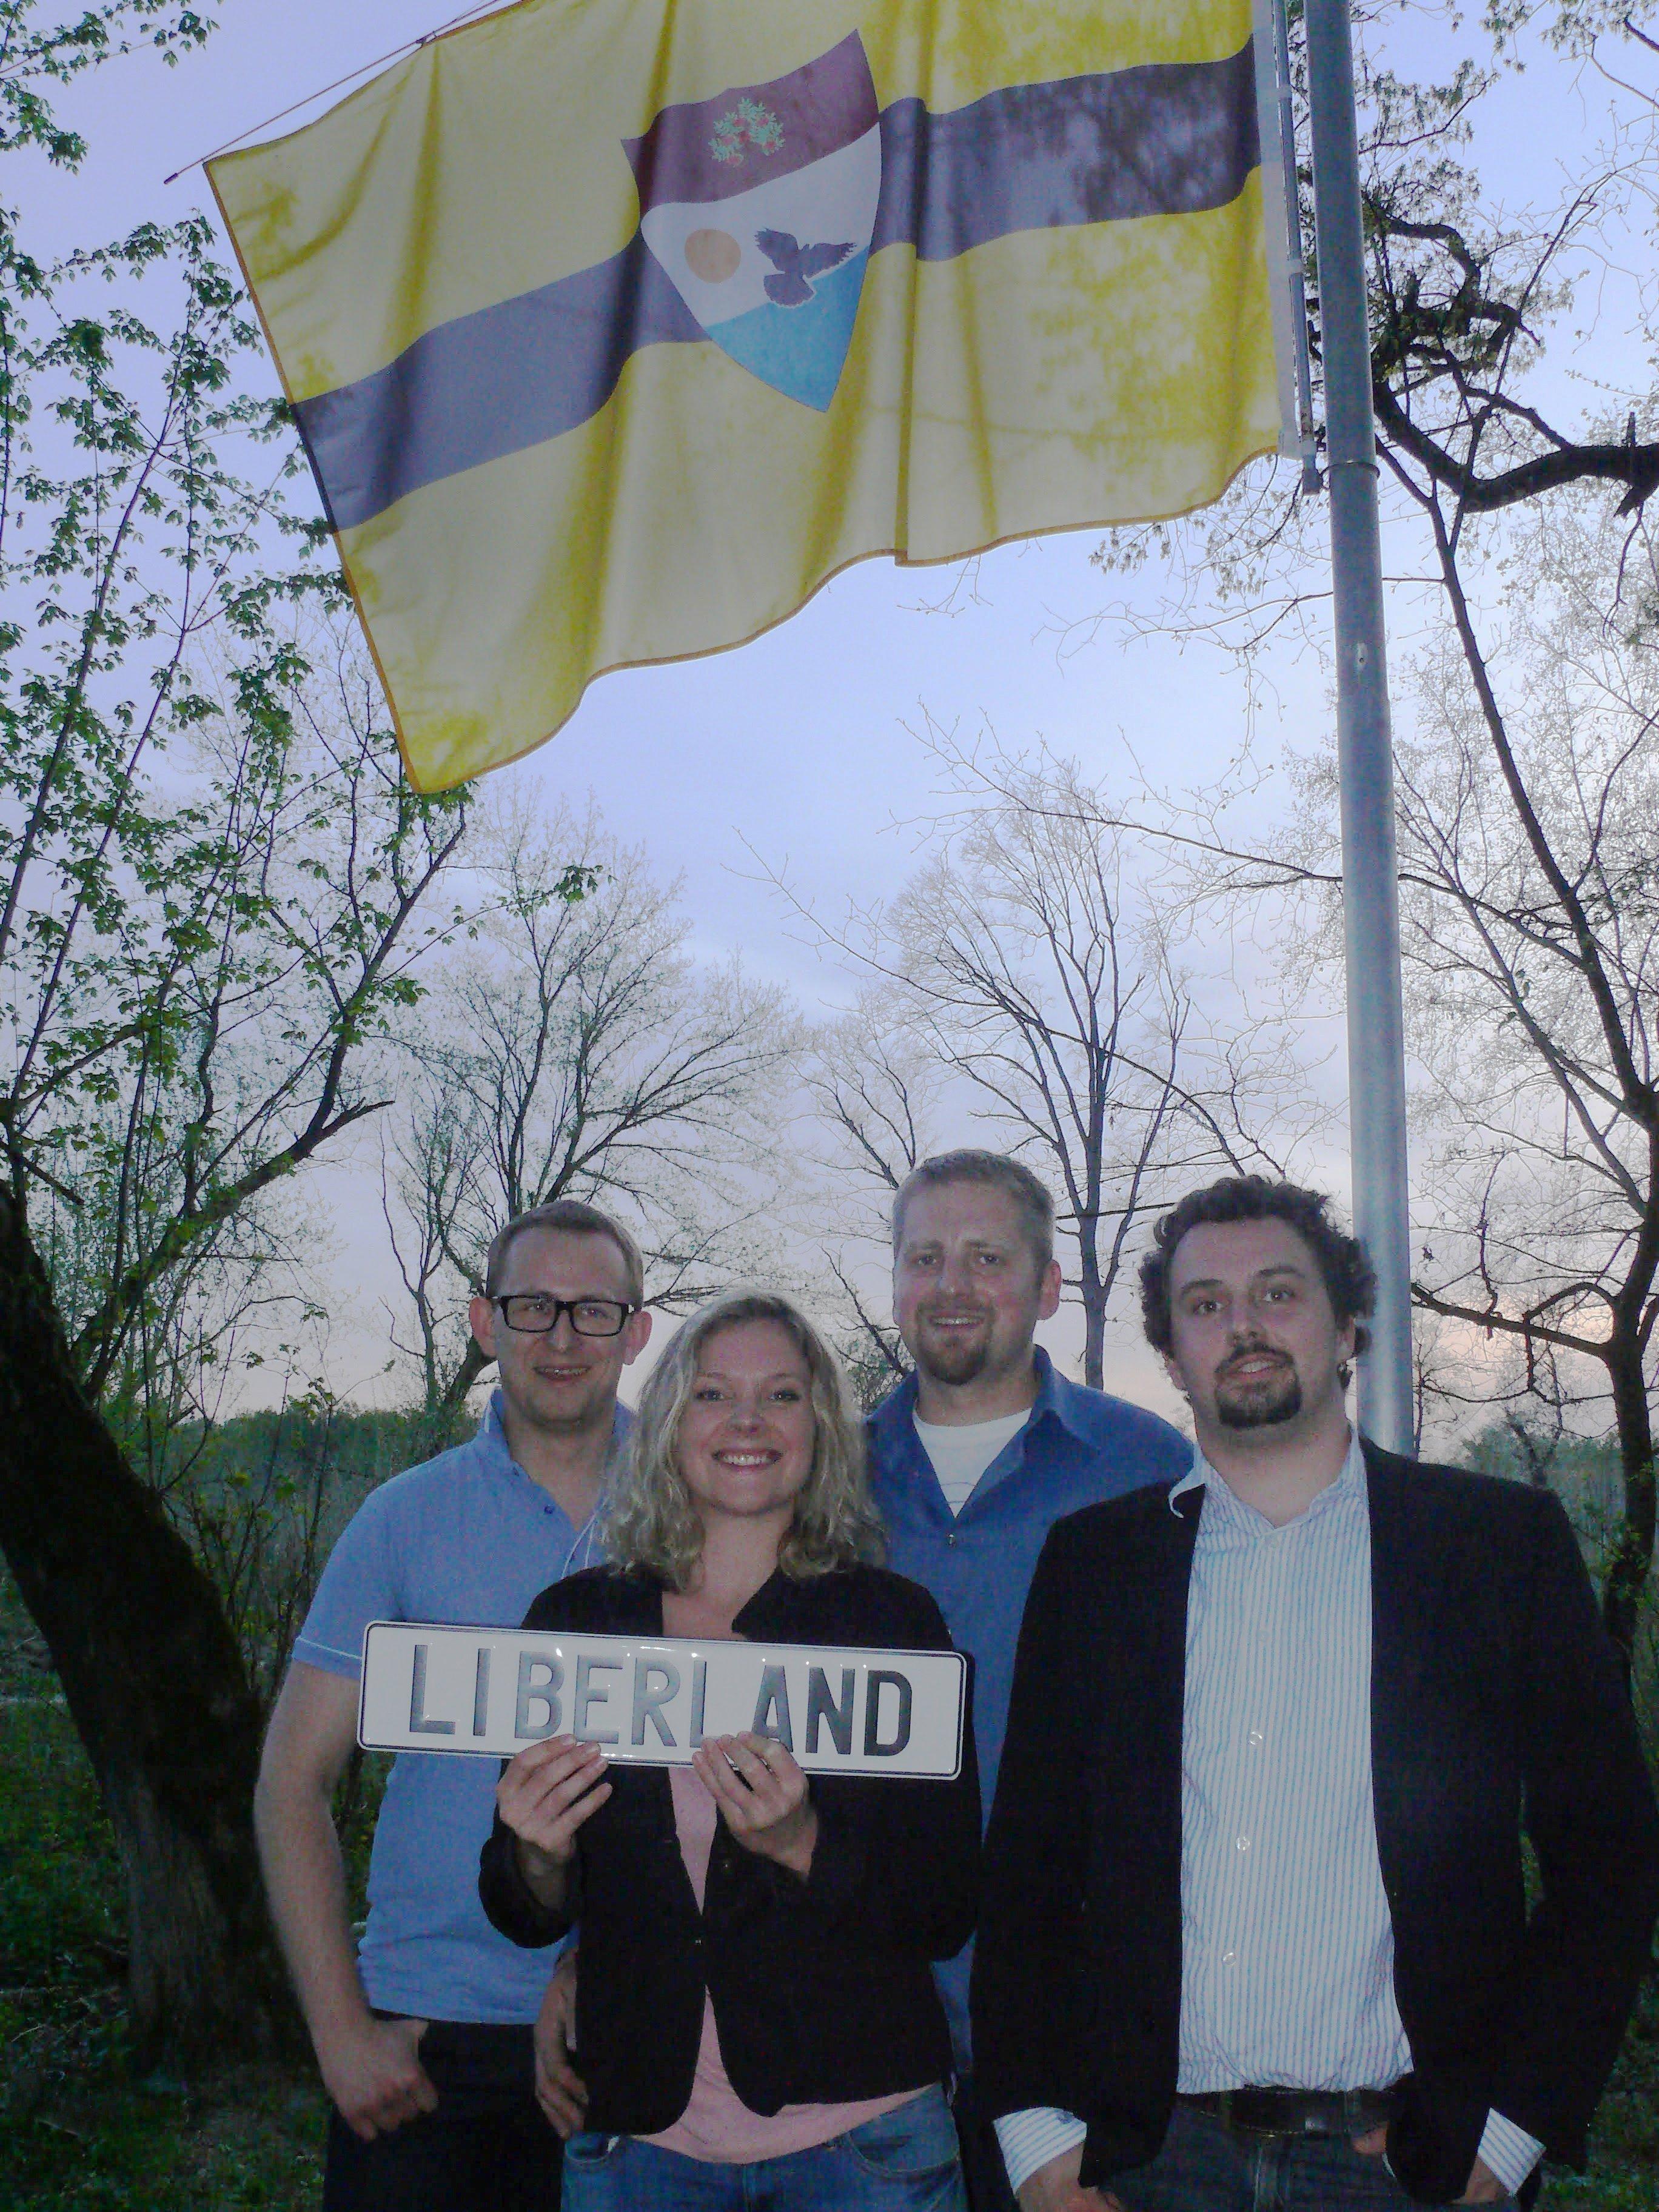 ¿Liberlandia, la micronación más nueva de los Balcanes?